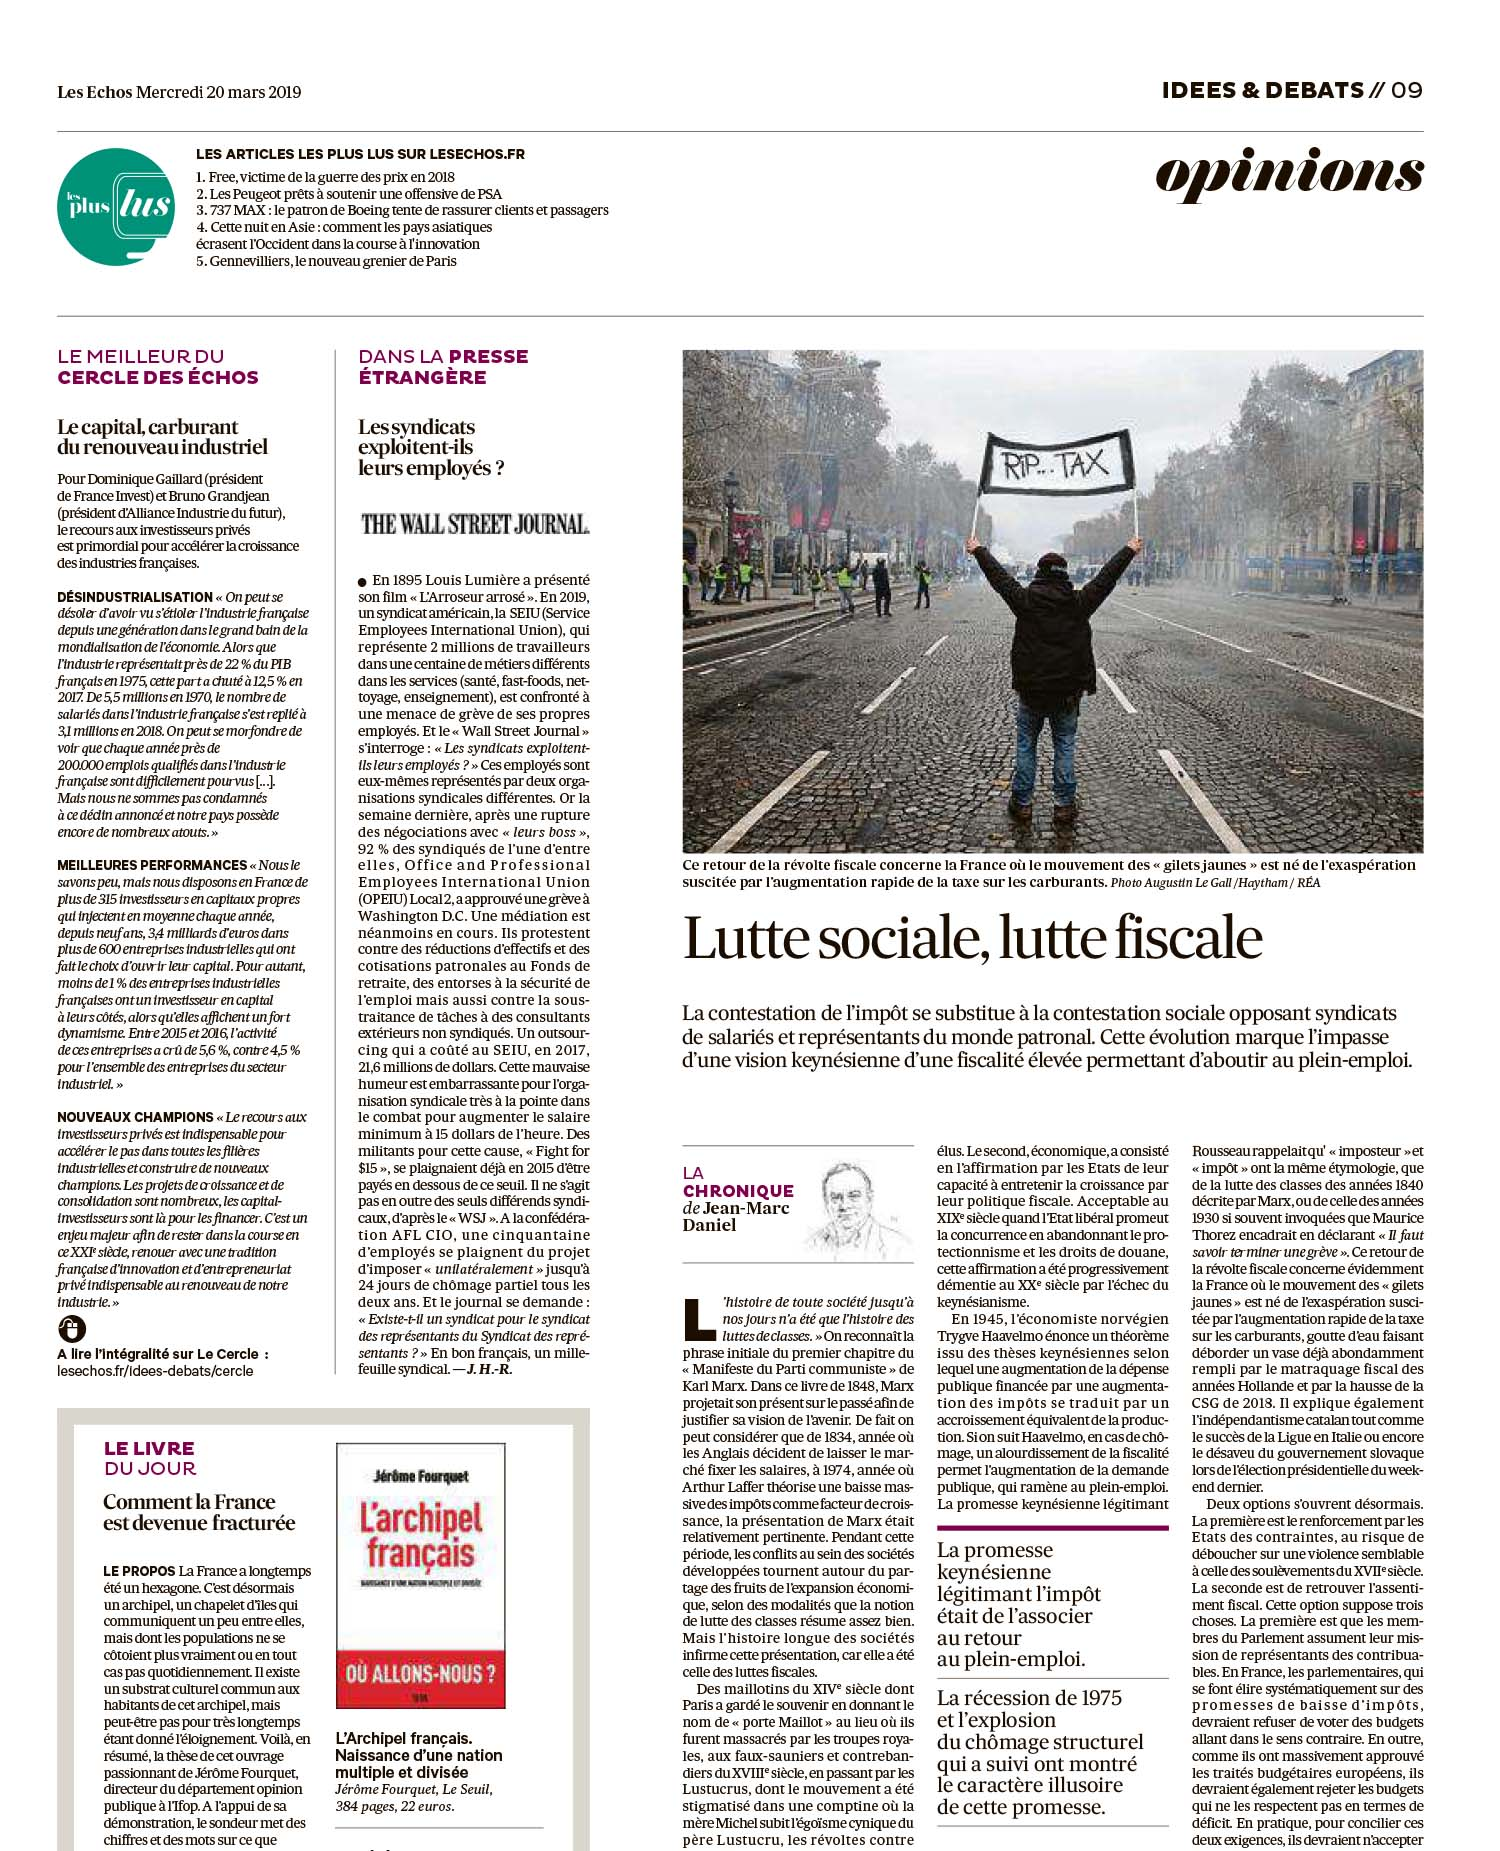 Les Echos. 20.03.2019. Web + Print.